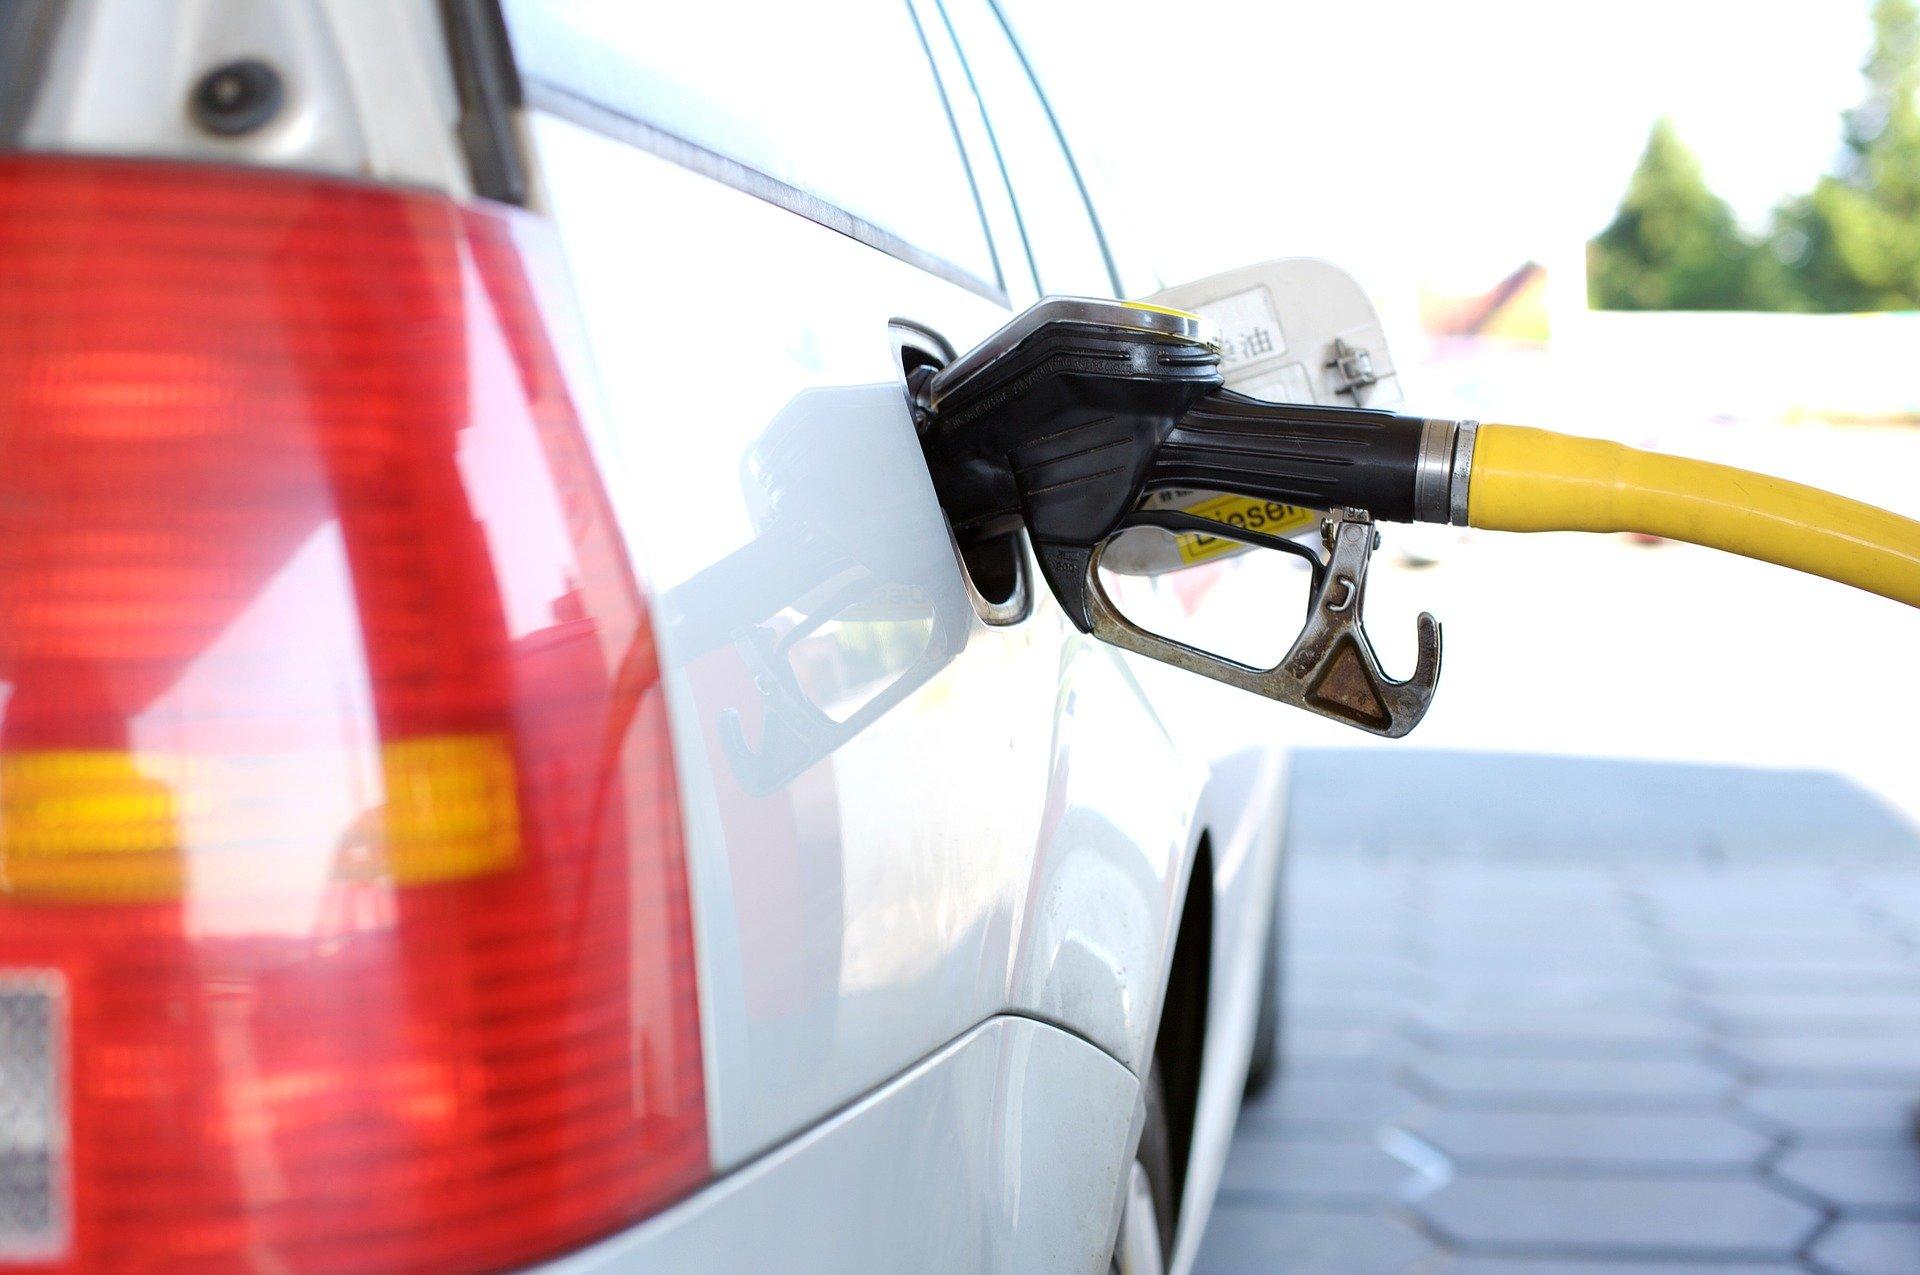 Βενζινοπώλες για πετρέλαιο θέρμανσης: Αυξημένο έως και 40% φέτος – Τι ζητούν από την κυβέρνηση